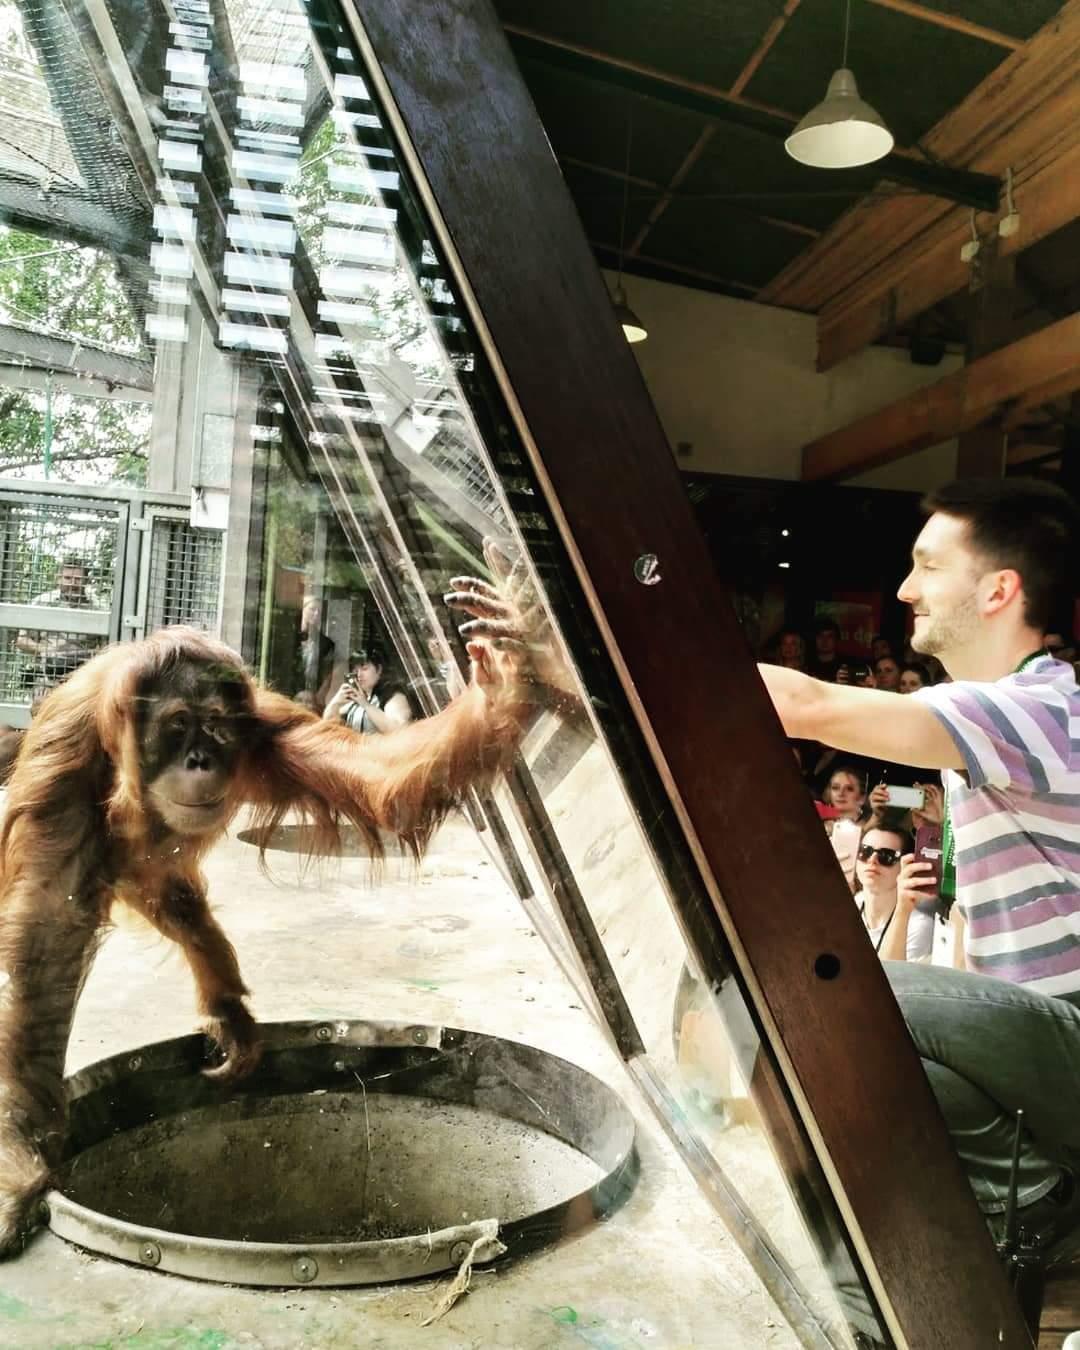 José Gomes considera que os Jardins Zoológicos têm um papel importante na conservação de espécies e na educação da população.